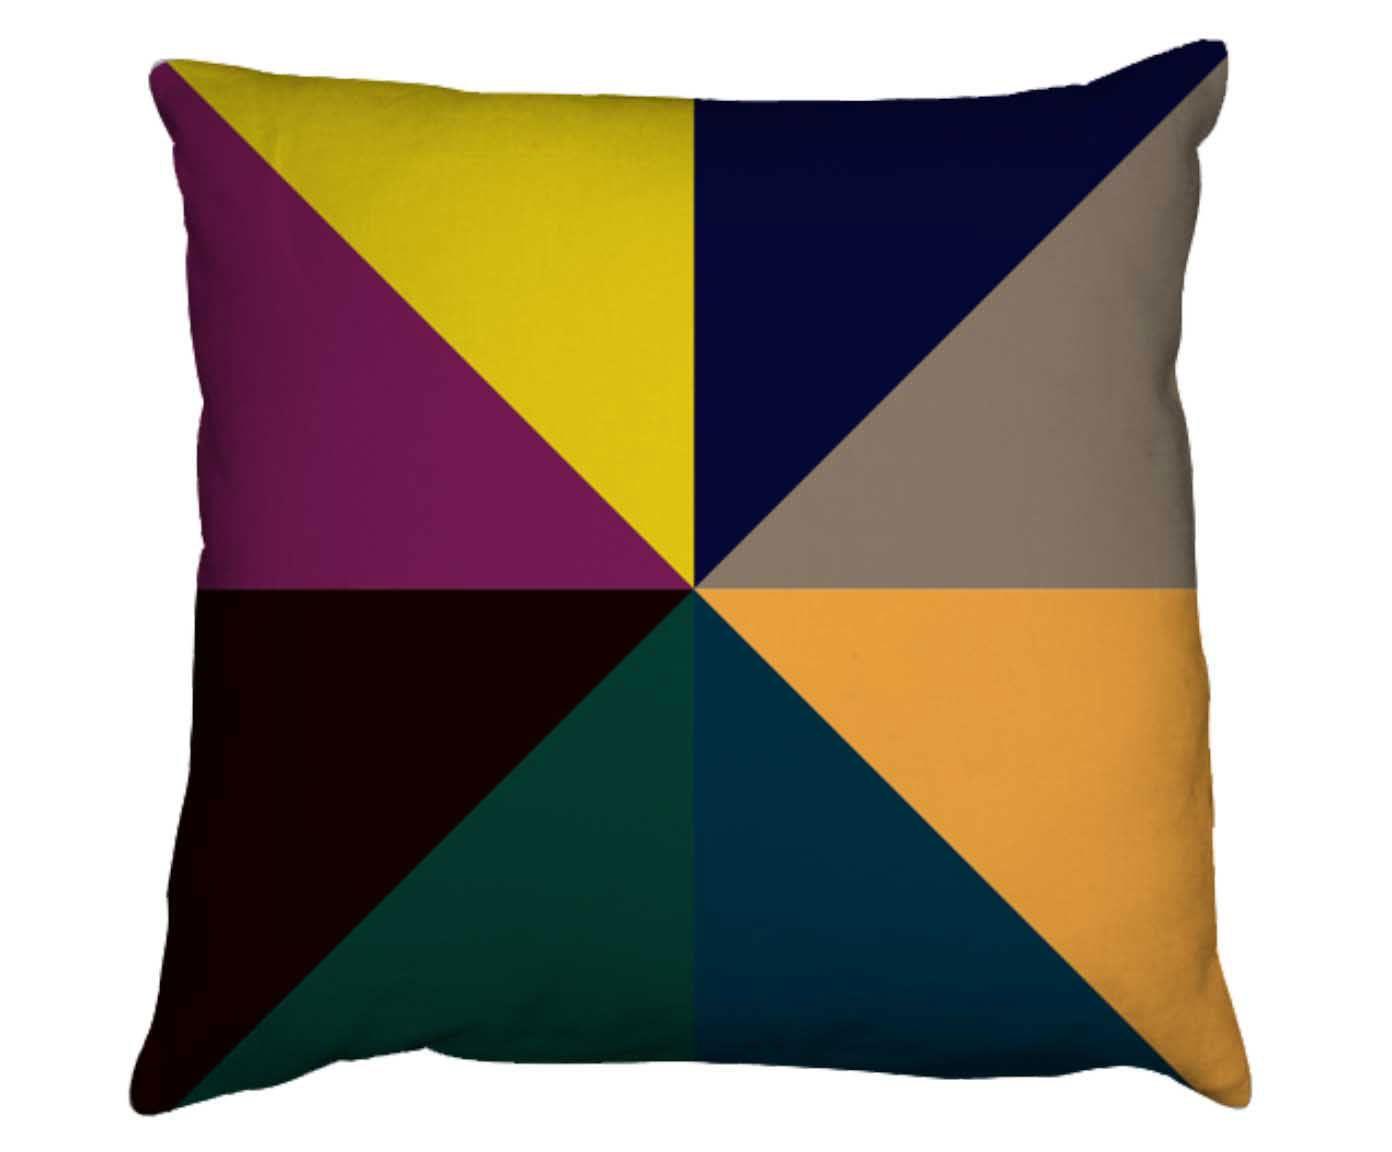 Capa para almofada mirno | Westwing.com.br